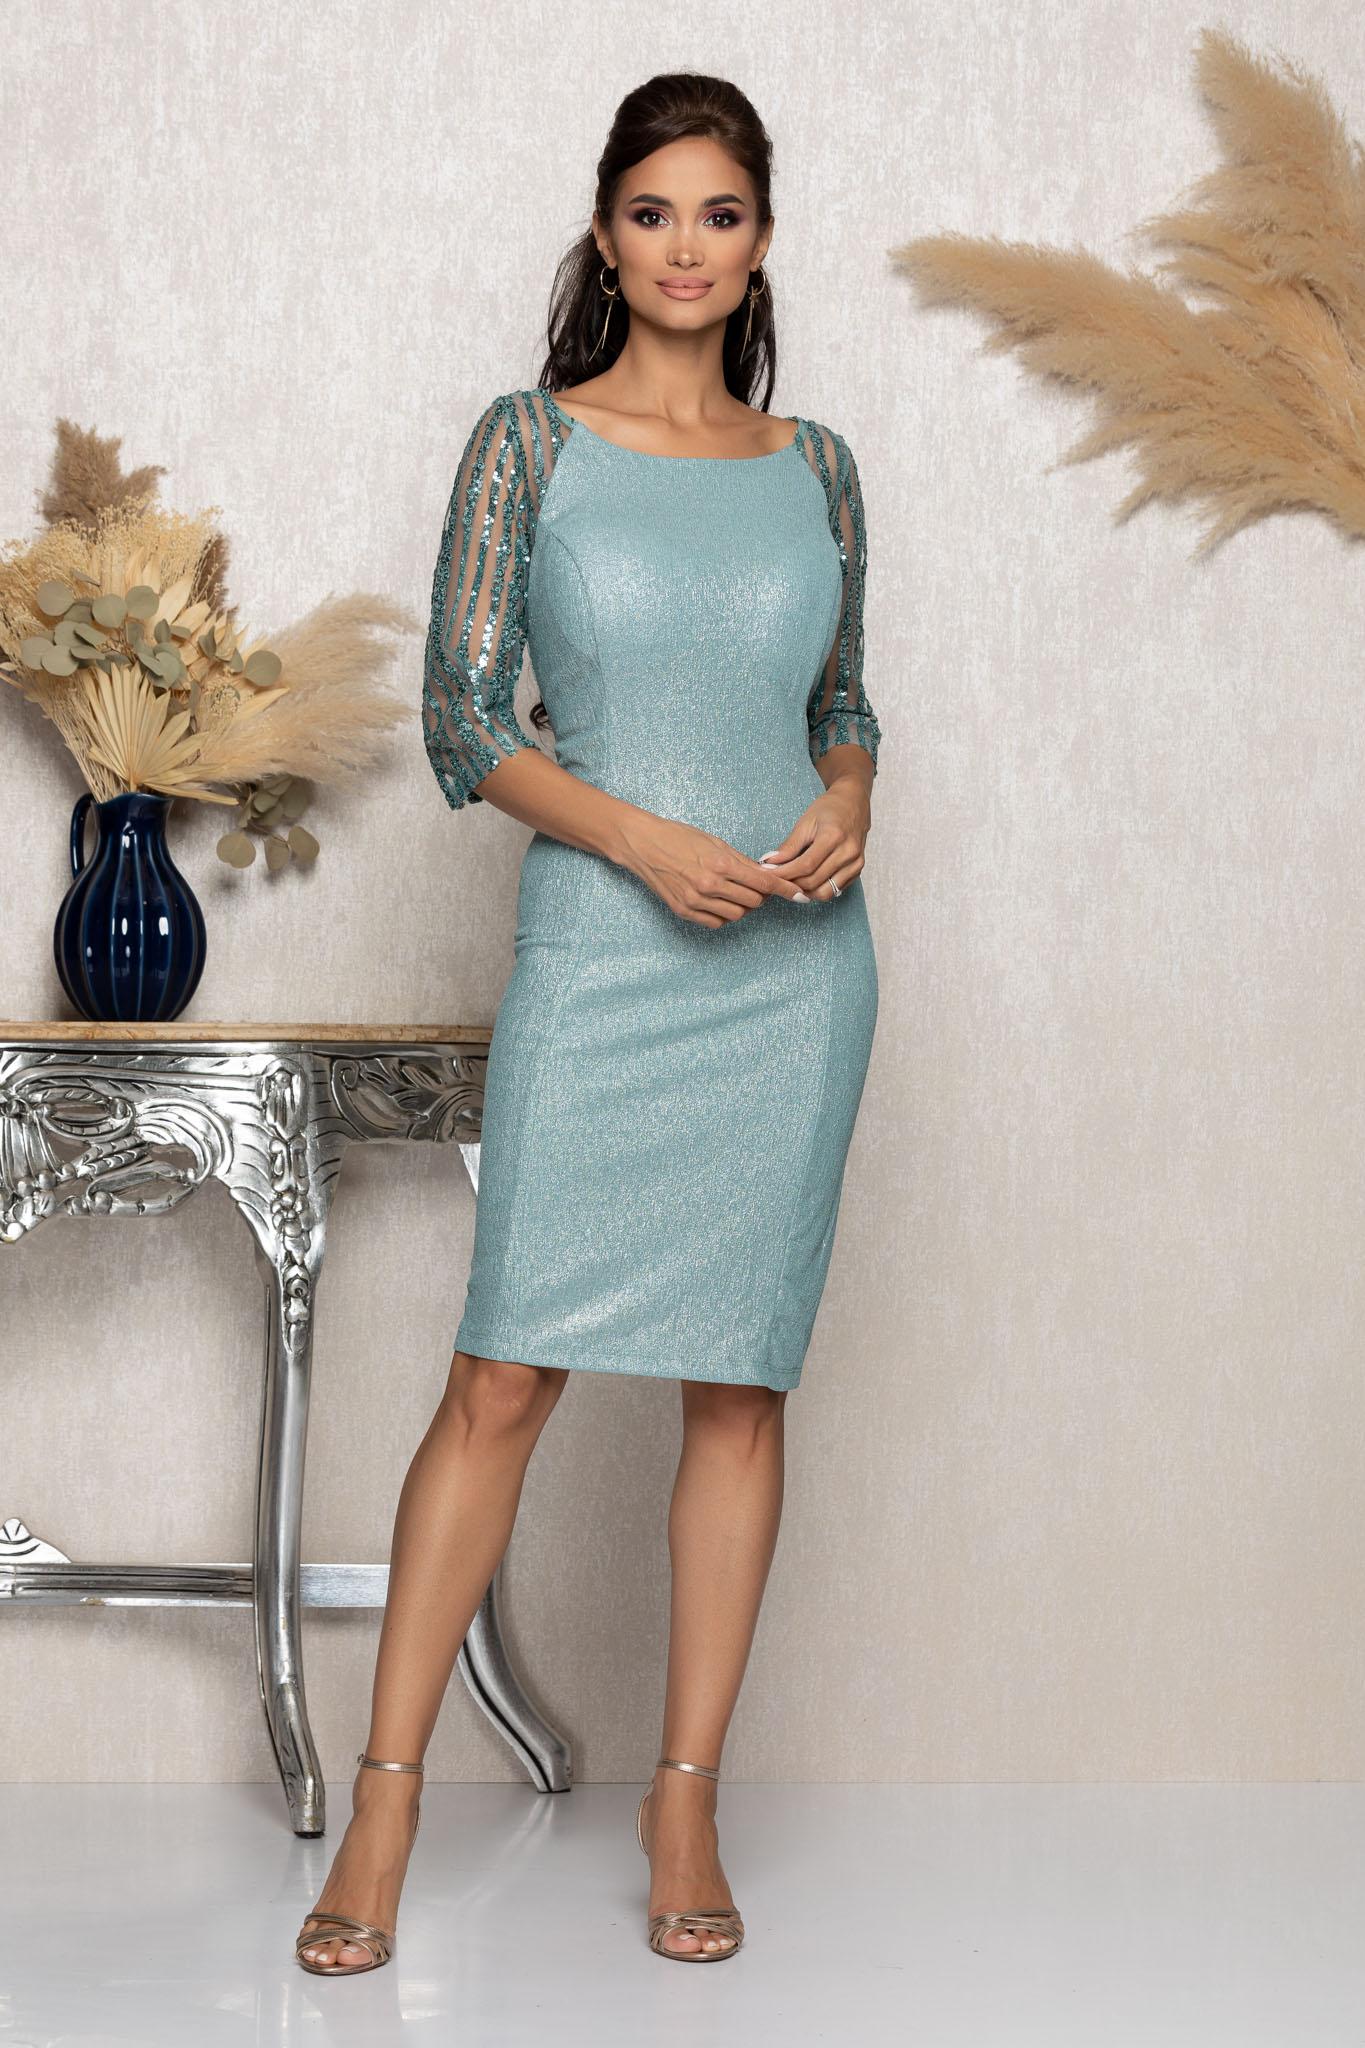 Rochie Lenna Mint Marimi Mari XXL (44) | 3XL (46) | 4XL (48) | 5XL (50)